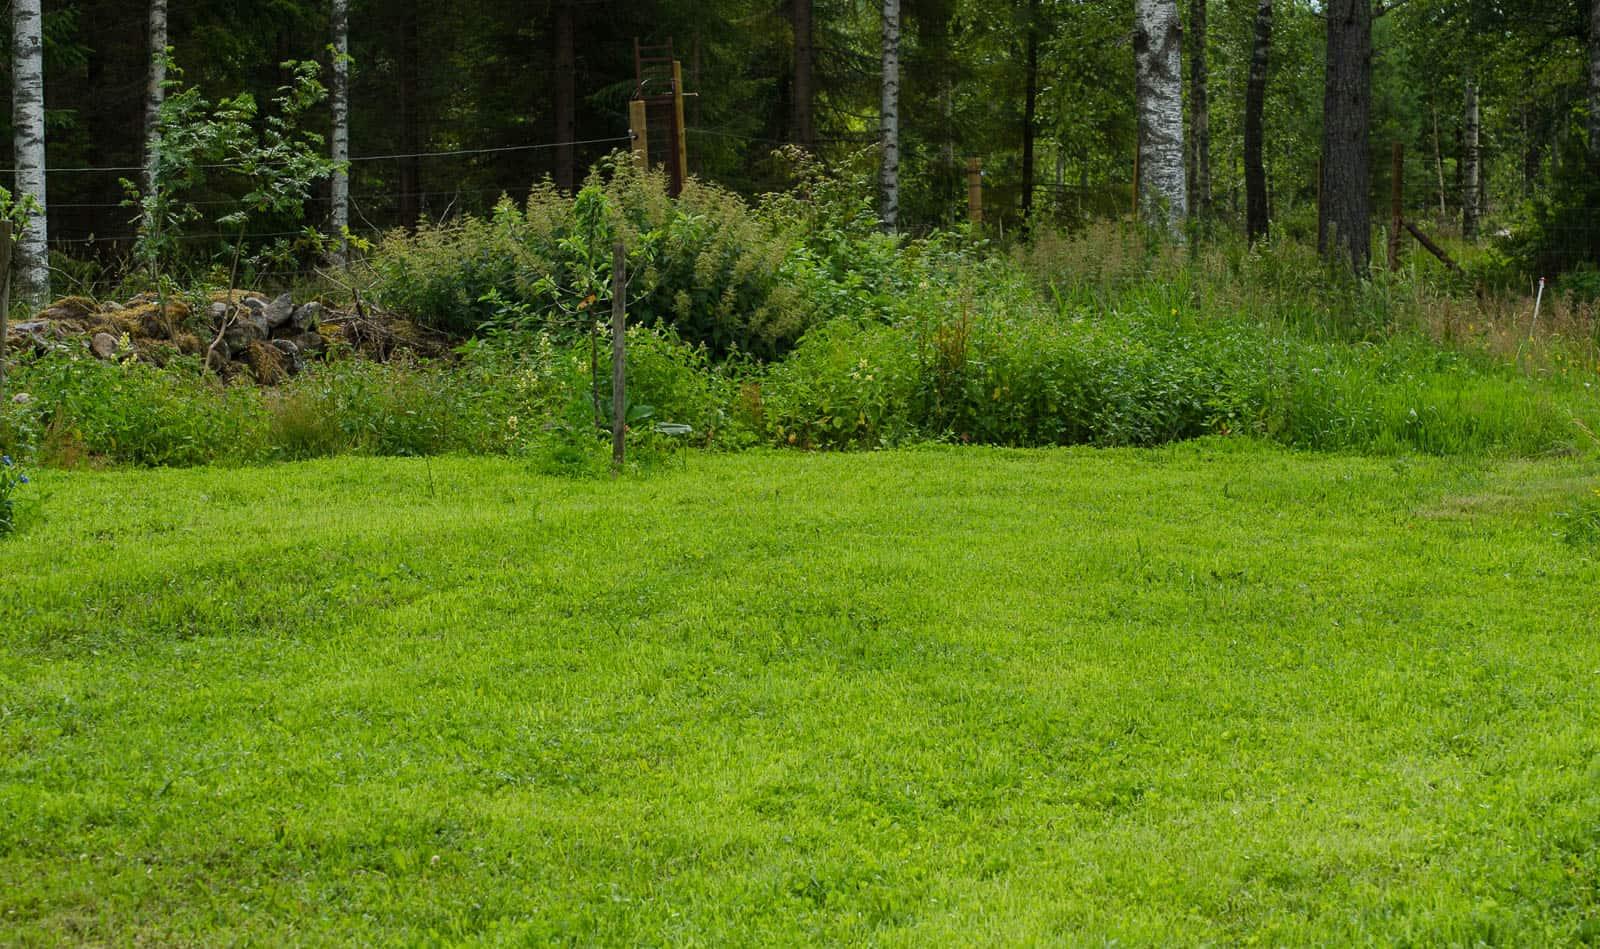 Så här tät och fin har den gräsmatta jag såtts i slutet av maj blivit. Enstaka ogräs sticker upp ibland – men de flesta gillar inte att bli klippta.